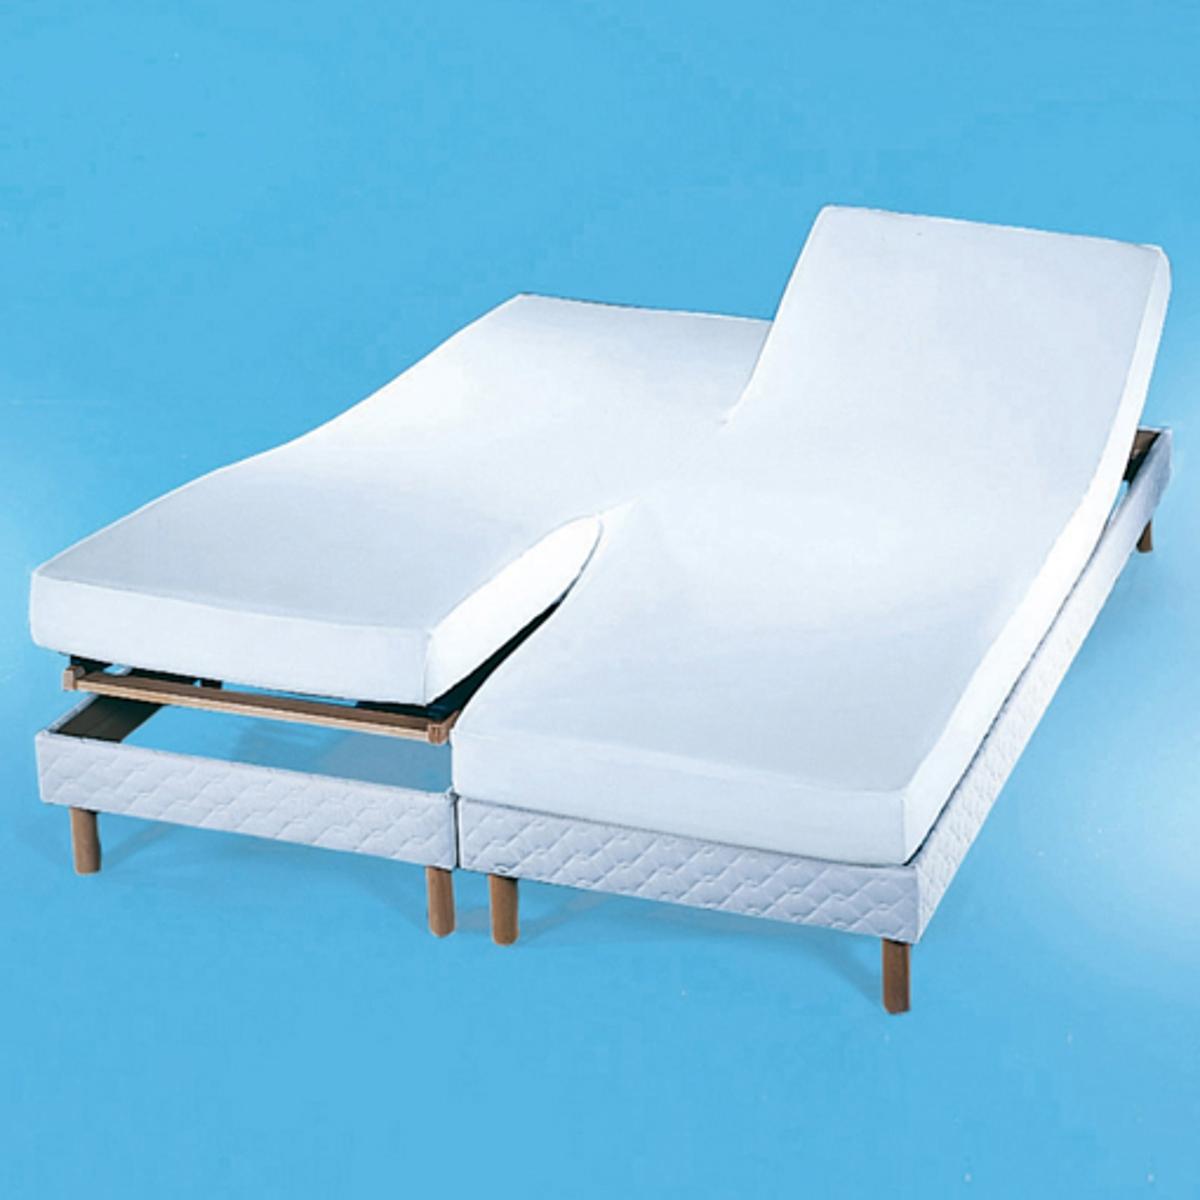 Чехол защитный для спаренных матрасов, 220 г/м?Надежная защита для Ваших постельных принадлежностей и уникальный комфорт для Вас: этот чехол поглощает потоотделения, выделение которых неизбежно во время сна, и защищает подушки и одеяла от появления разводов, скапливания бактерий и клещей.Чехол для спаренных матрасов (кровати со съемными ножками и изголовьями) из мольтона (220 г/м?), 100% хлопок, высокий комфорт (начес с двух сторон) и прочность. 2 наматрасника, сшитых посередине. Стирка при 95°С для идеальной гигиены, обработка от усадки ткани SANFOR. Углы на резинках.Изделие с биоцидной обработкой Качество VALEUR S?RE.<br><br>Цвет: белый